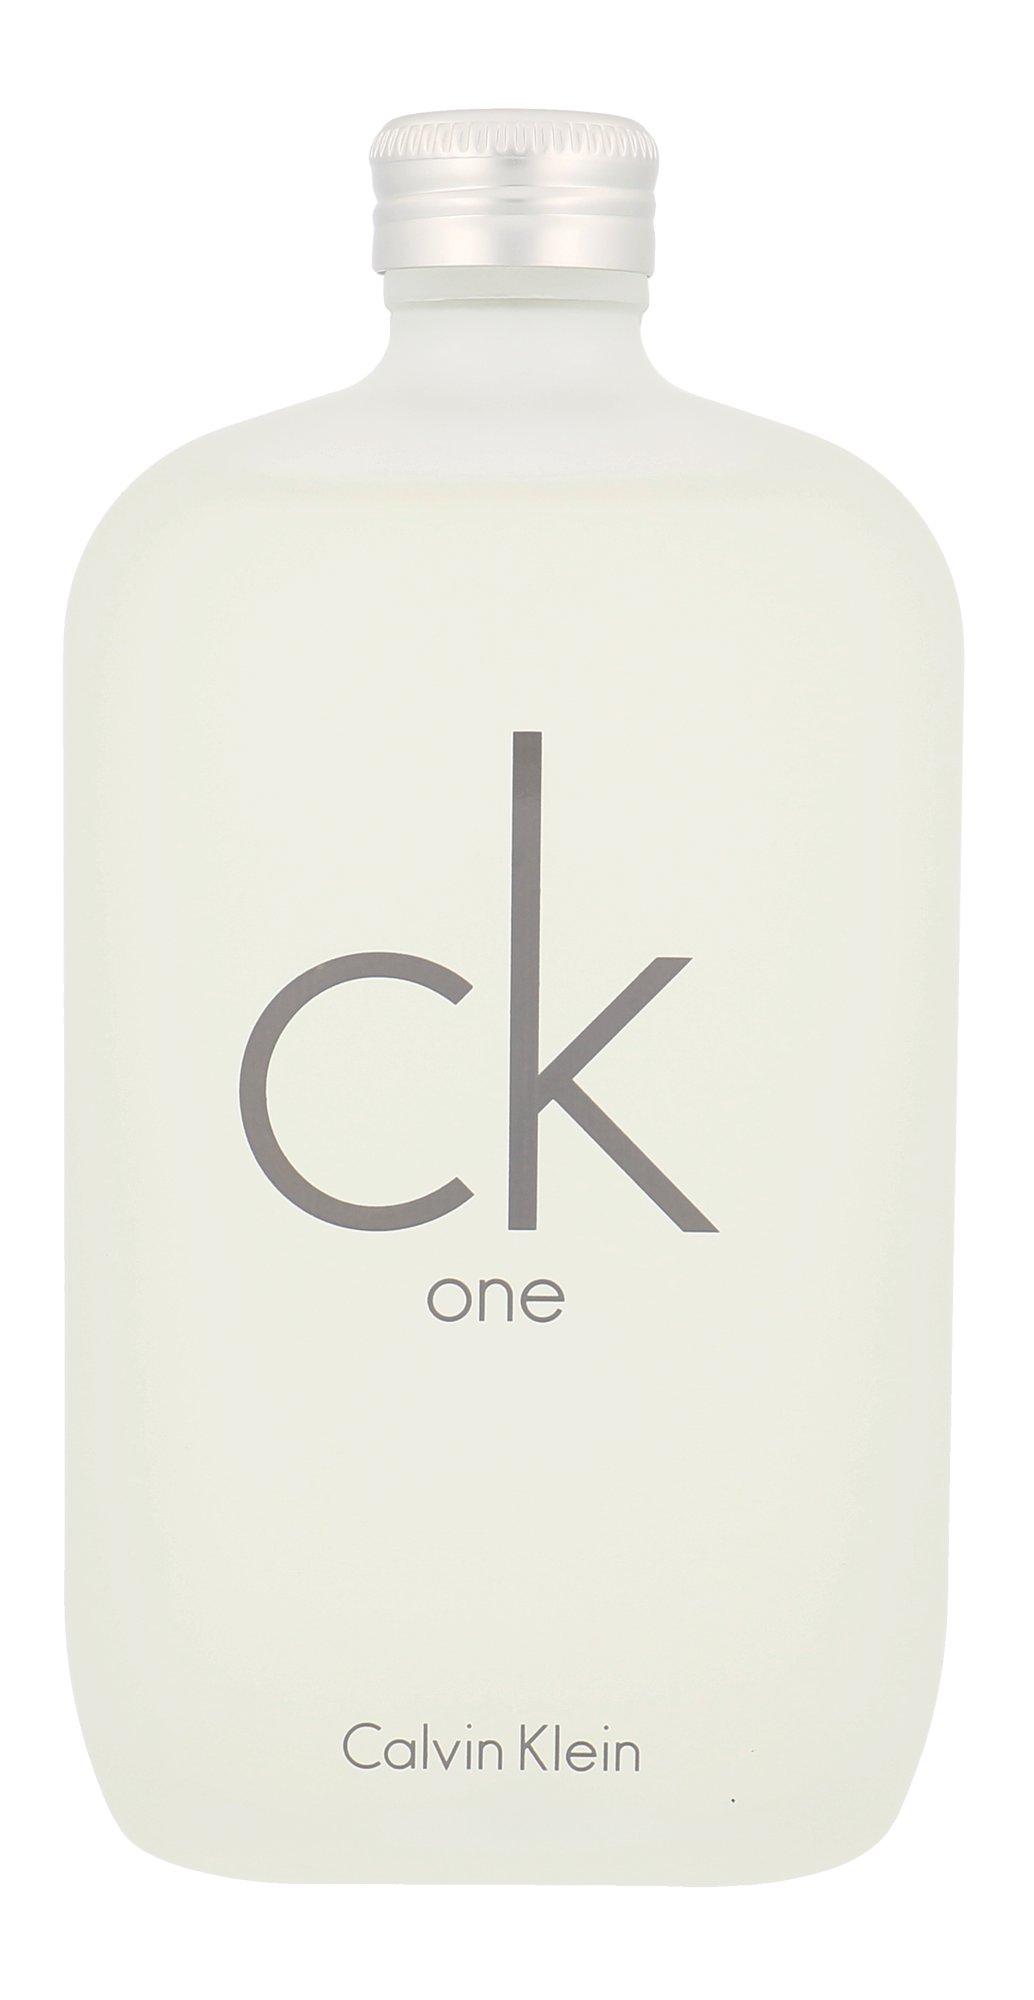 Calvin Klein CK One, Toaletná voda 300ml